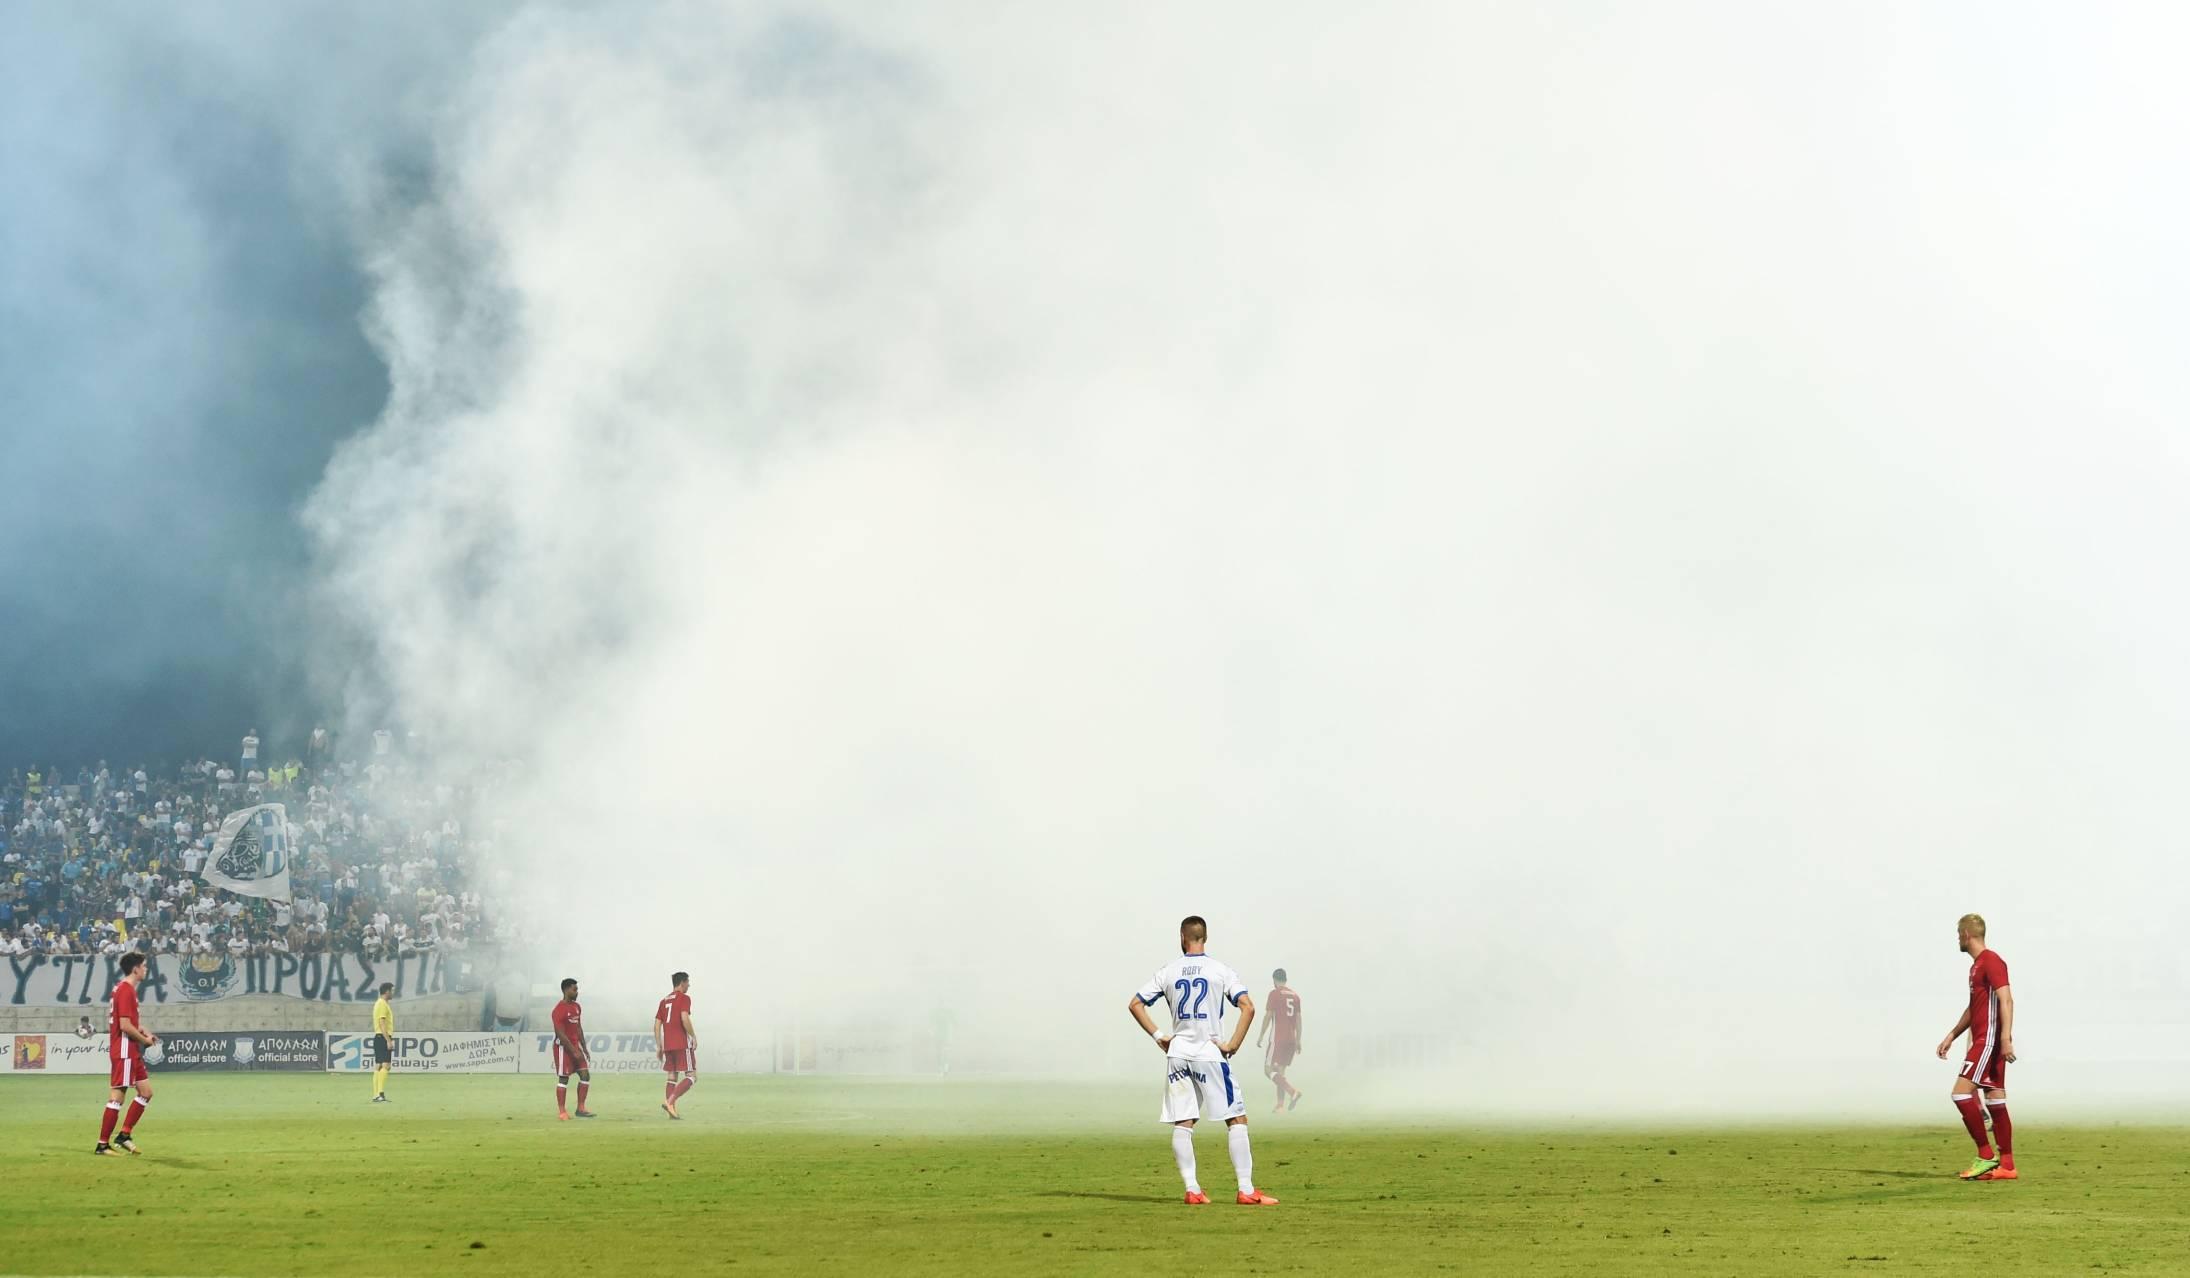 The Apollon Limassol fans throw flares onto the pitch.